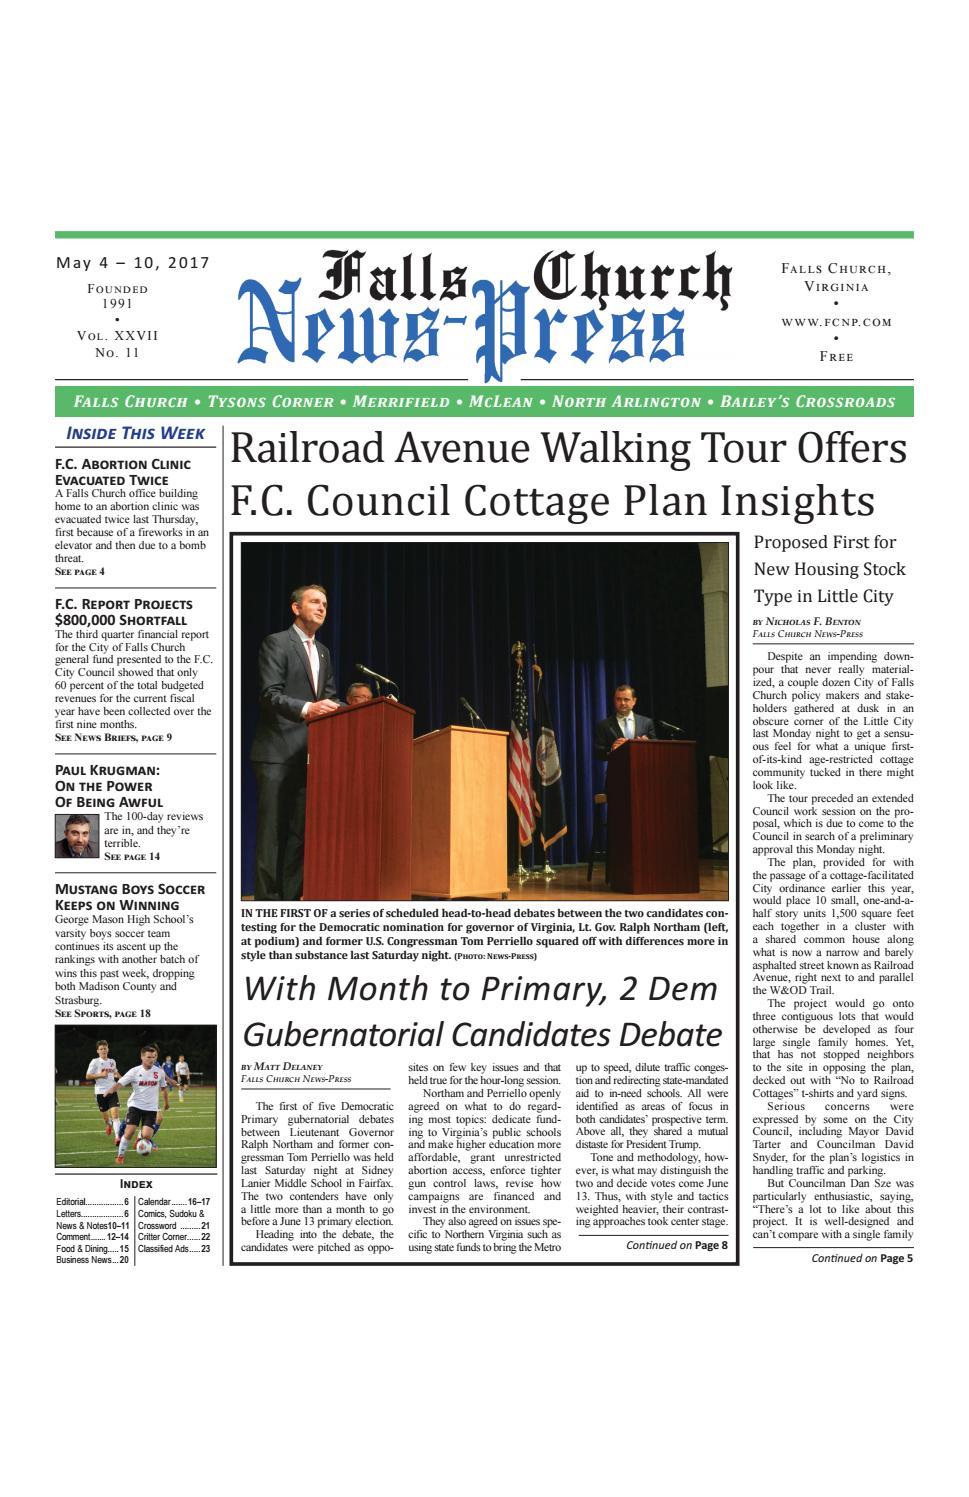 Falls Church News-Press 5-4-2017 by Falls Church News-Press - issuu